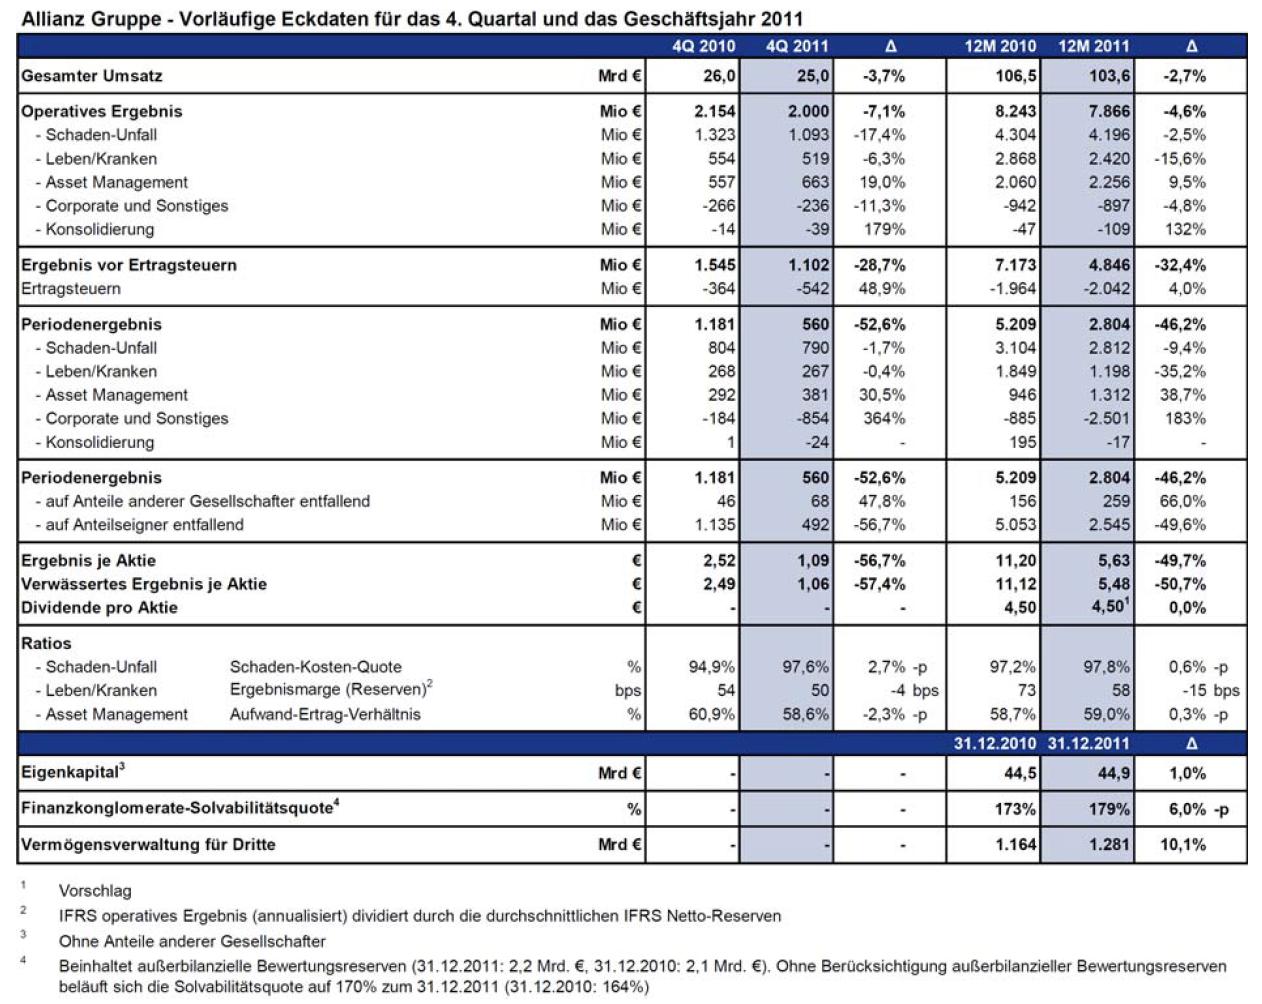 Allianz_Geschäftsjahr 2011